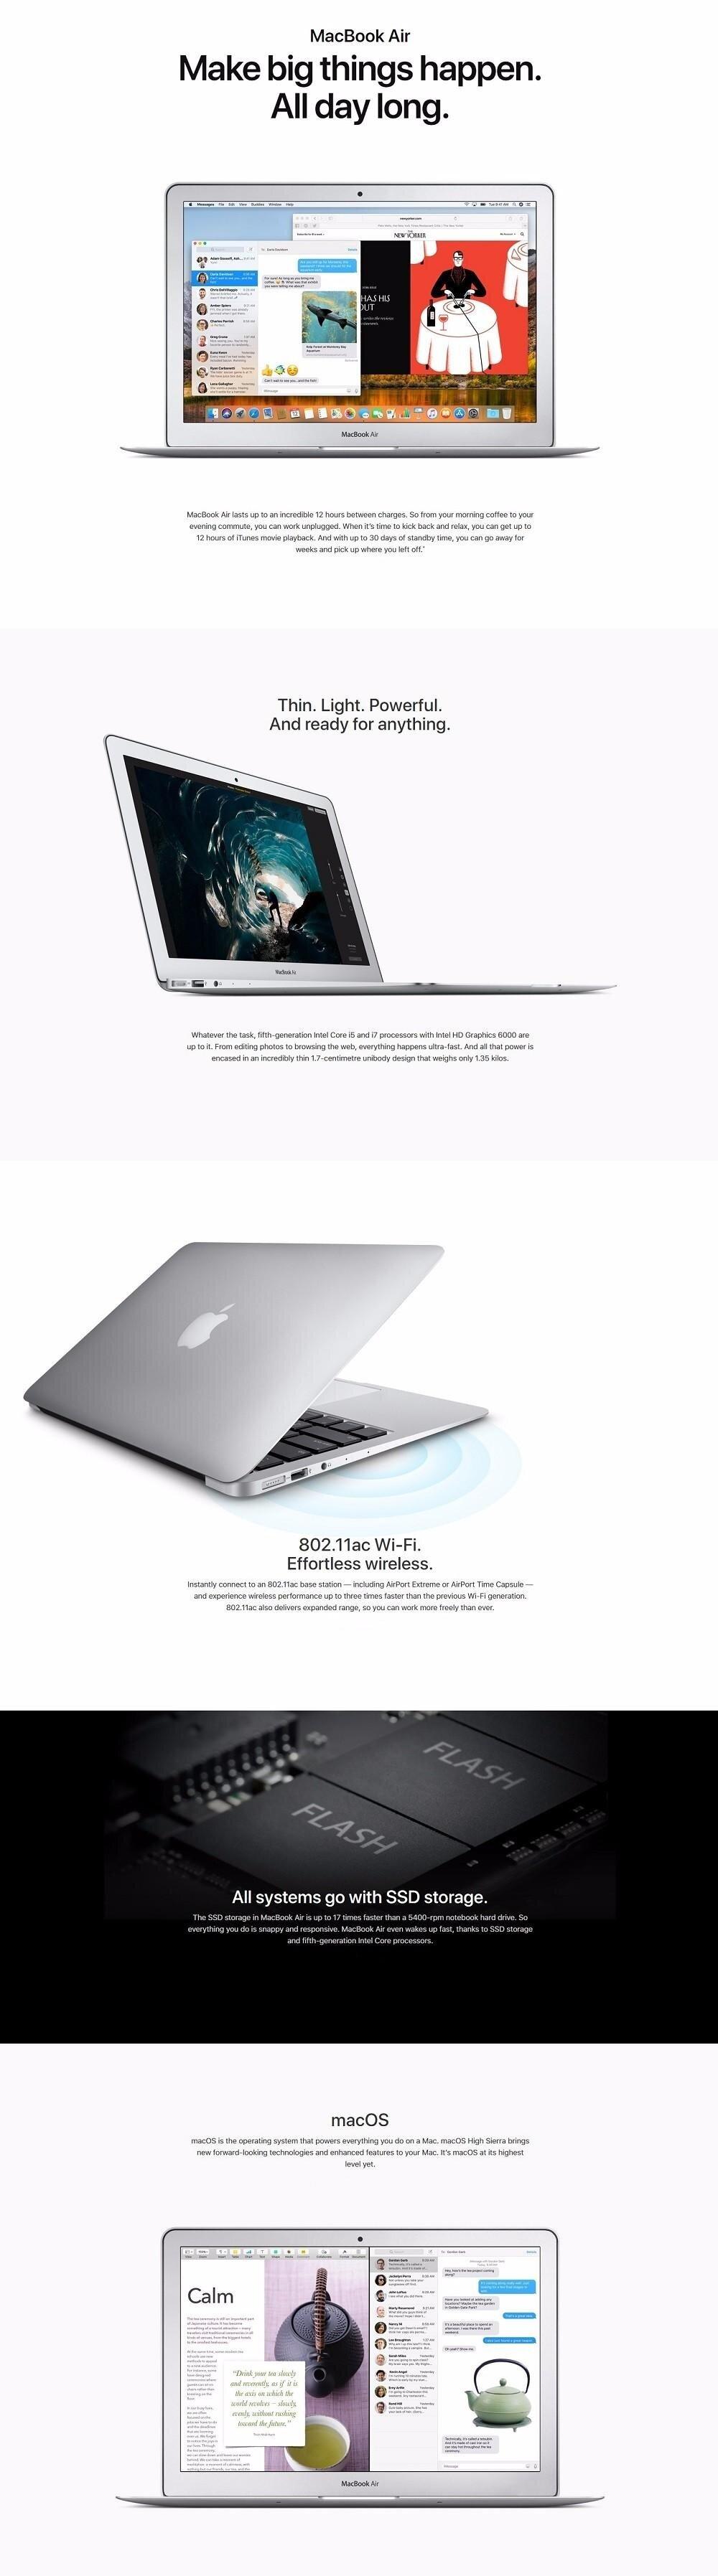 Macbook Air-1.jpg